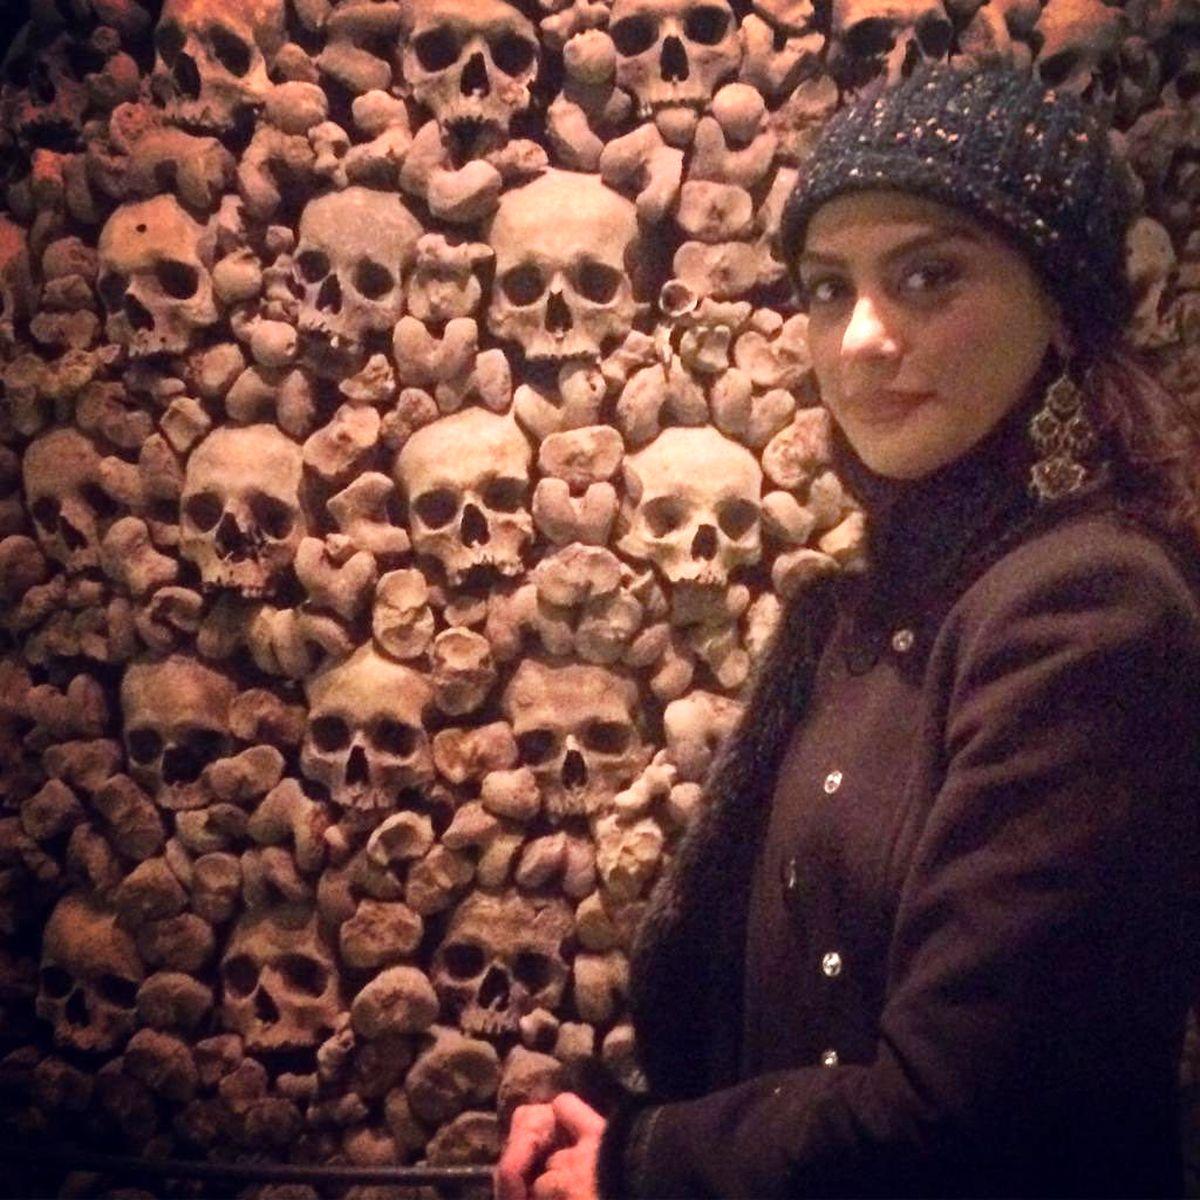 عکس عجیب و وحشتناک مونا فرجاد با جمجمه مردگان